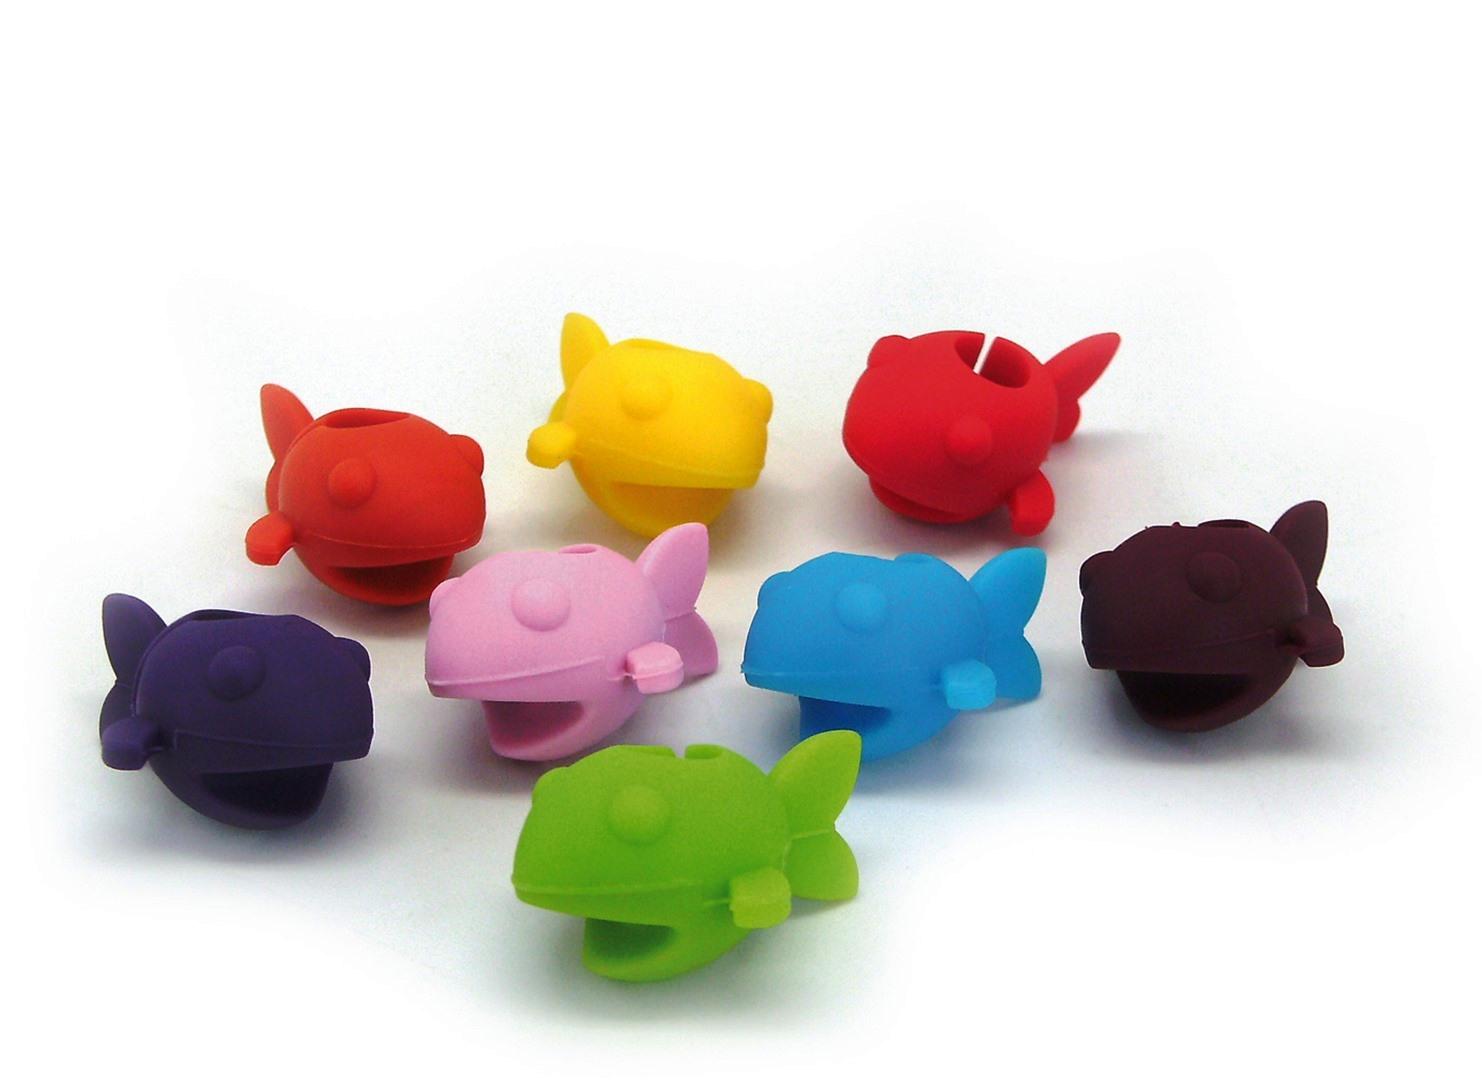 Онлайн каталог PROMENU: Набор разноцветных маркеров на бокалы в виде рыбок VinBouquet TO SERVE, 8 штук                                   FIA 014